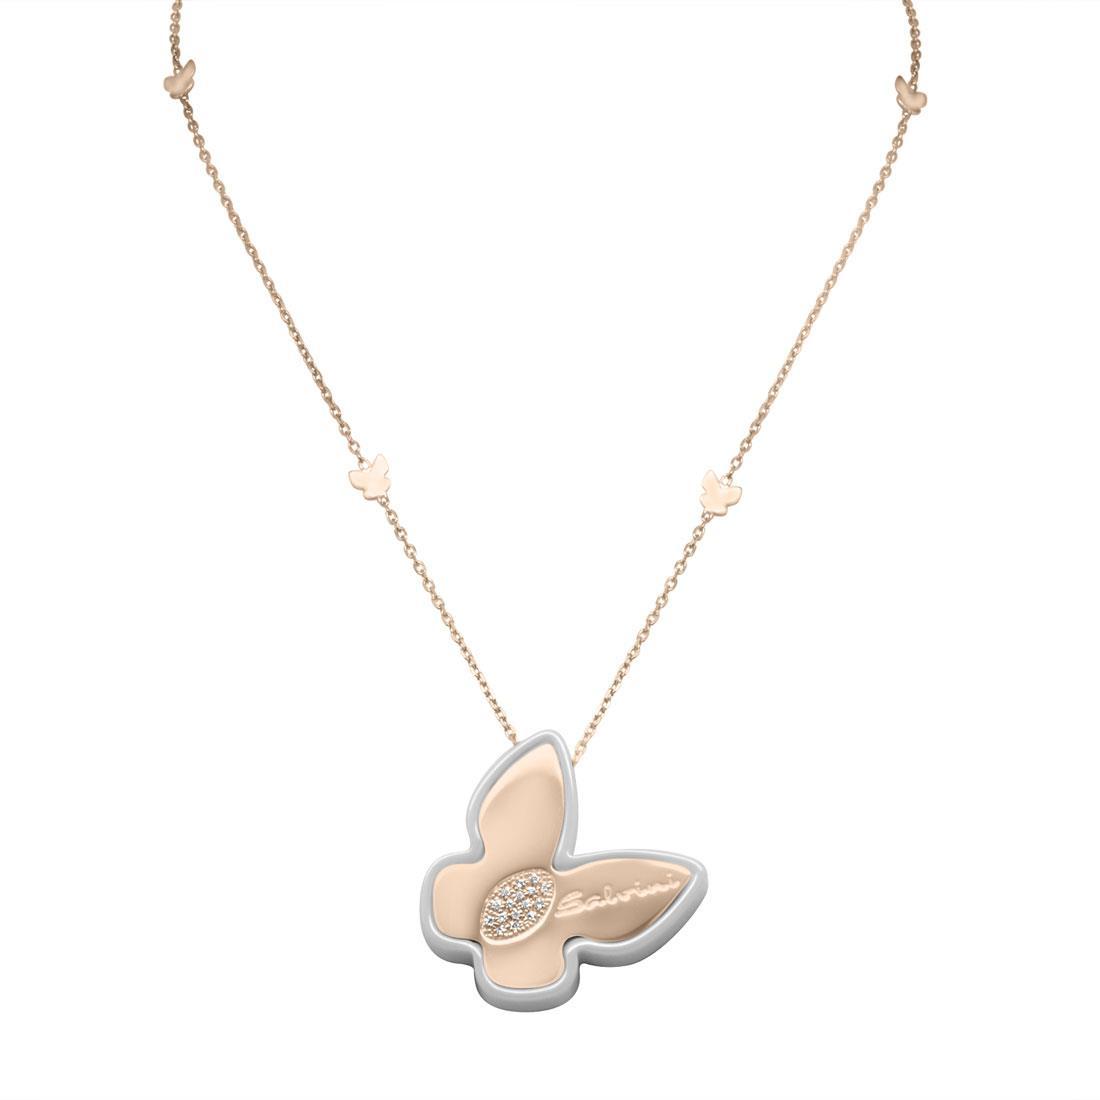 Collana in oro rose'  9 kt, dettaglio in ceramica e diamante ct 0.05 - SALVINI